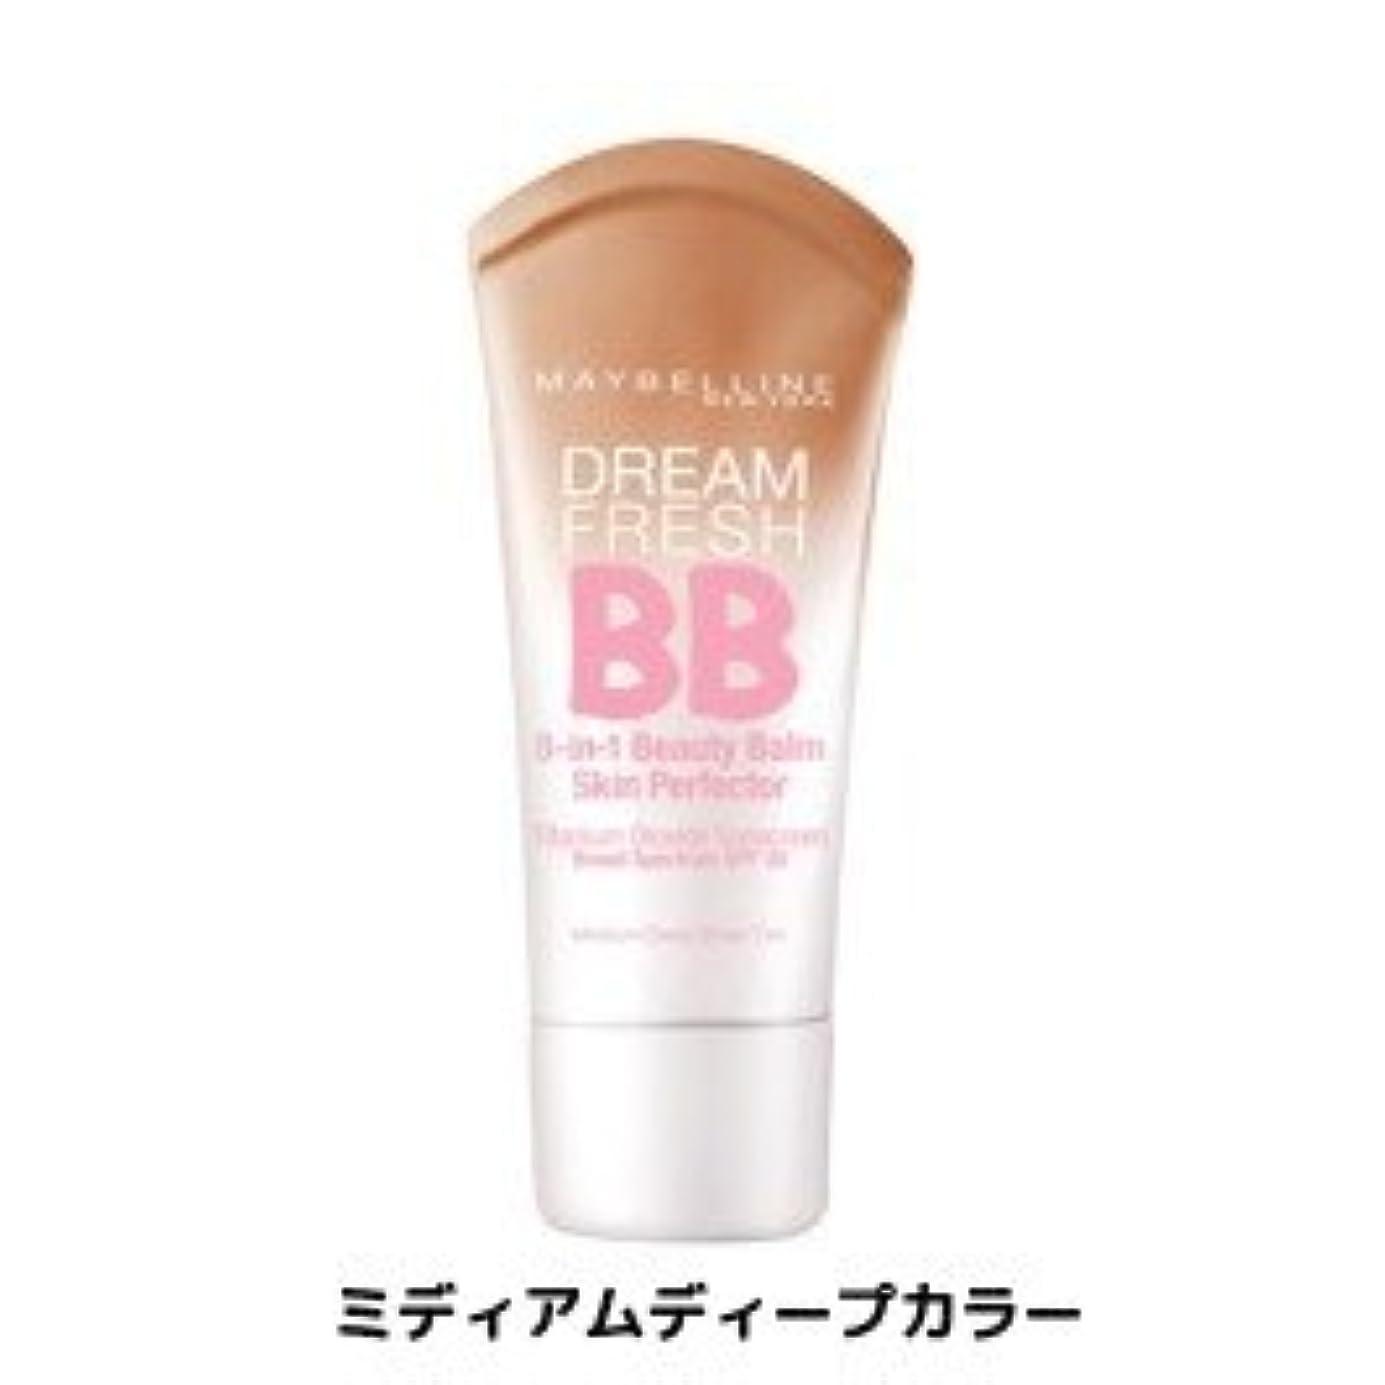 メイベリン BBクリーム  SPF 30*Maybelline Dream Fresh BB Cream 30ml【平行輸入品】 (ミディアムディープカラー)